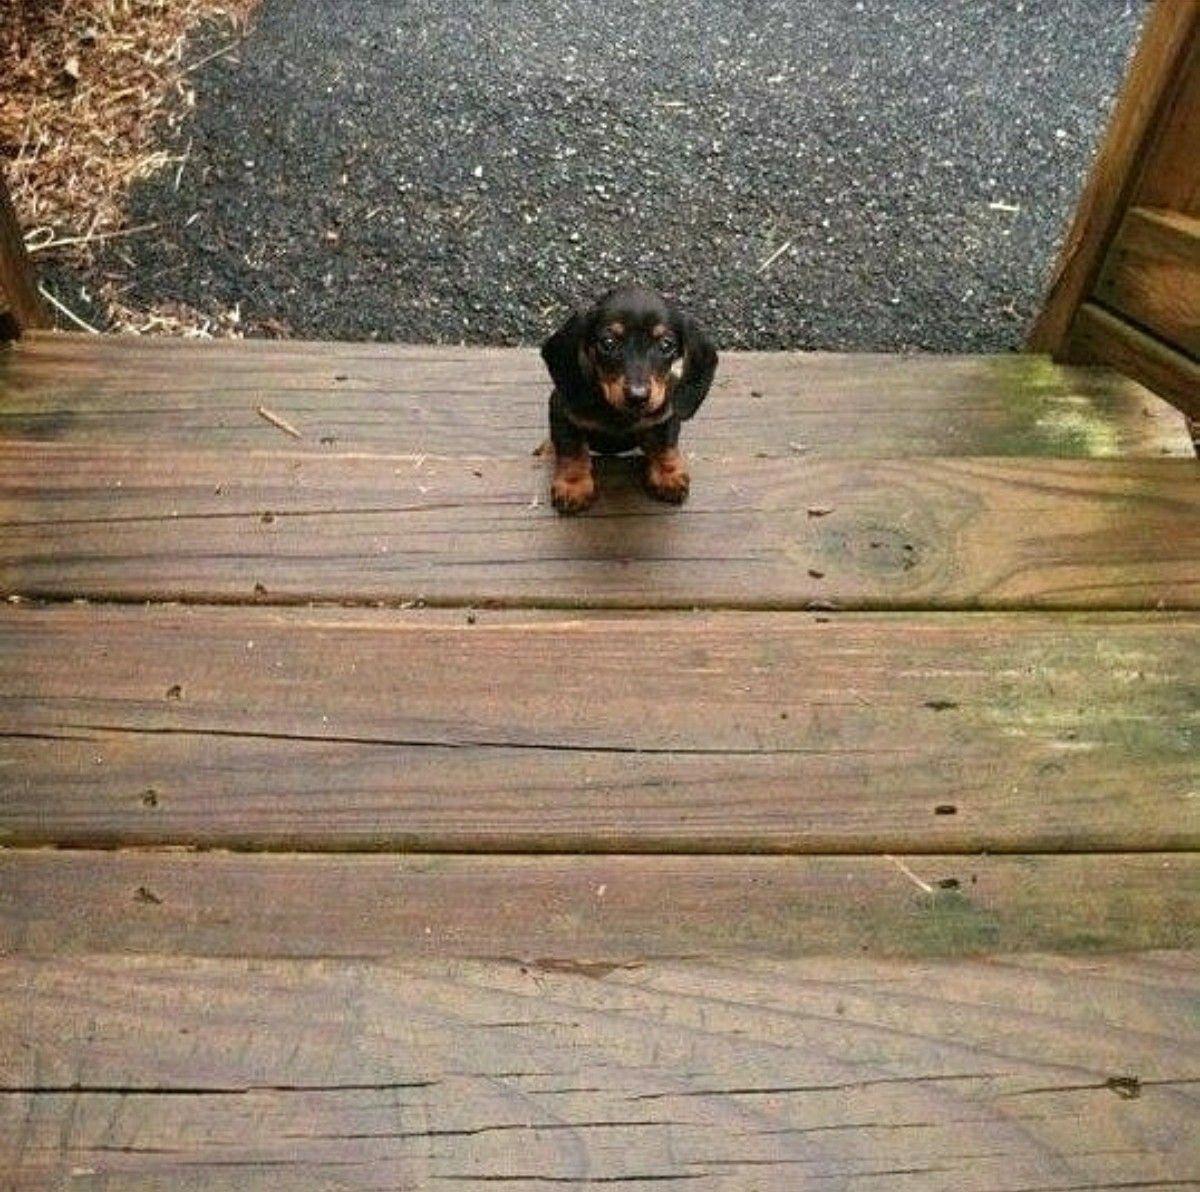 Dachshund puppy daschundpuppies daschund puppies